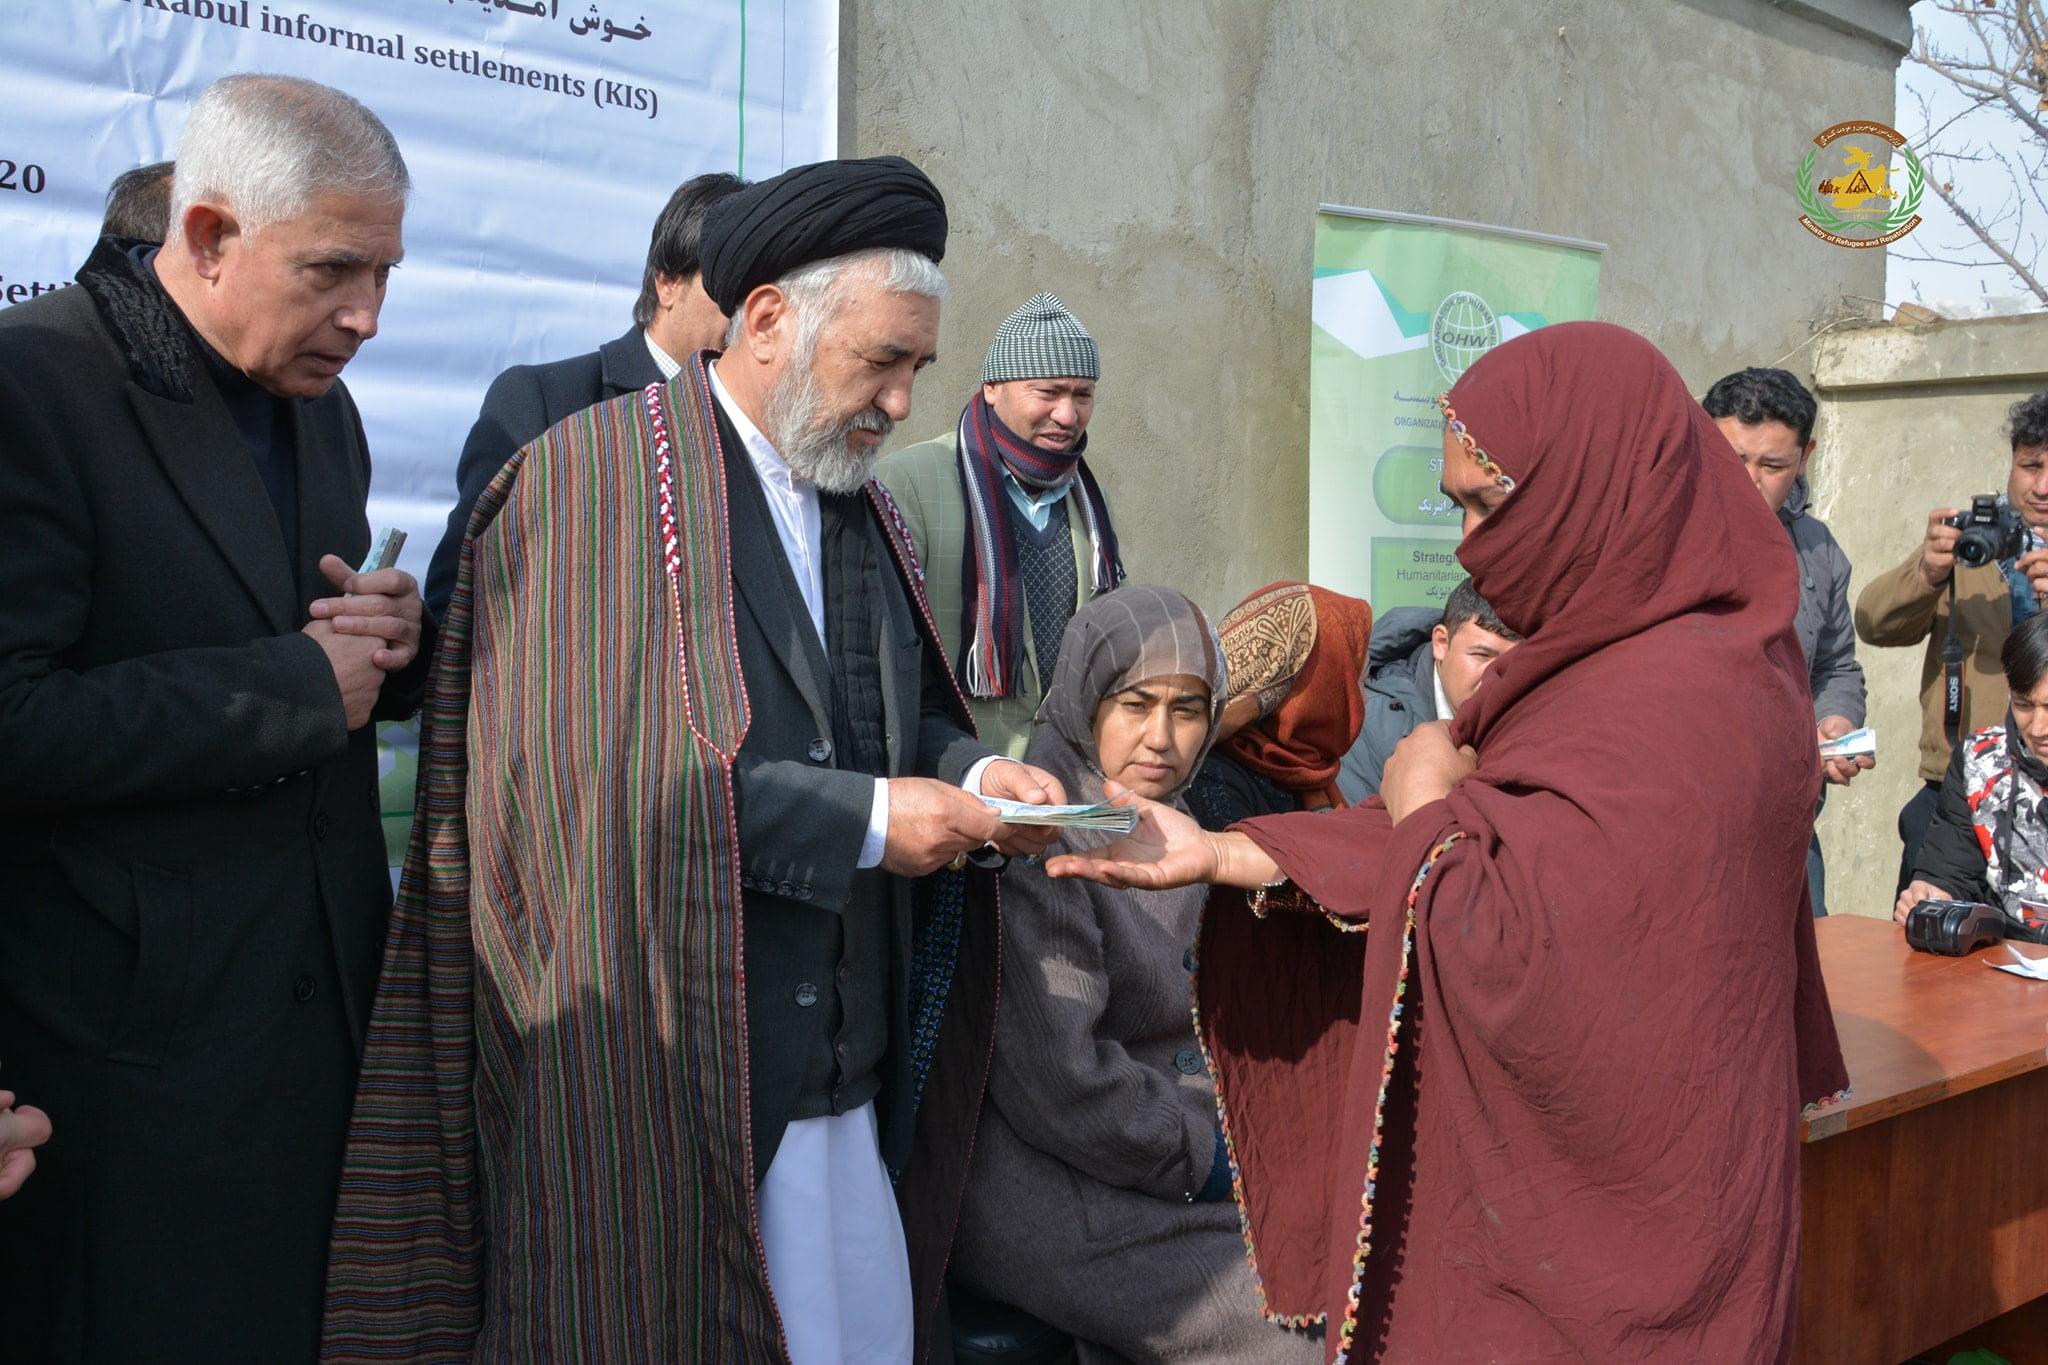 سیدحسین عالمی بلخی - کمک رسانی به صدها خانواده بیجاشده در ساحه دیوان بیگی شهر کابل